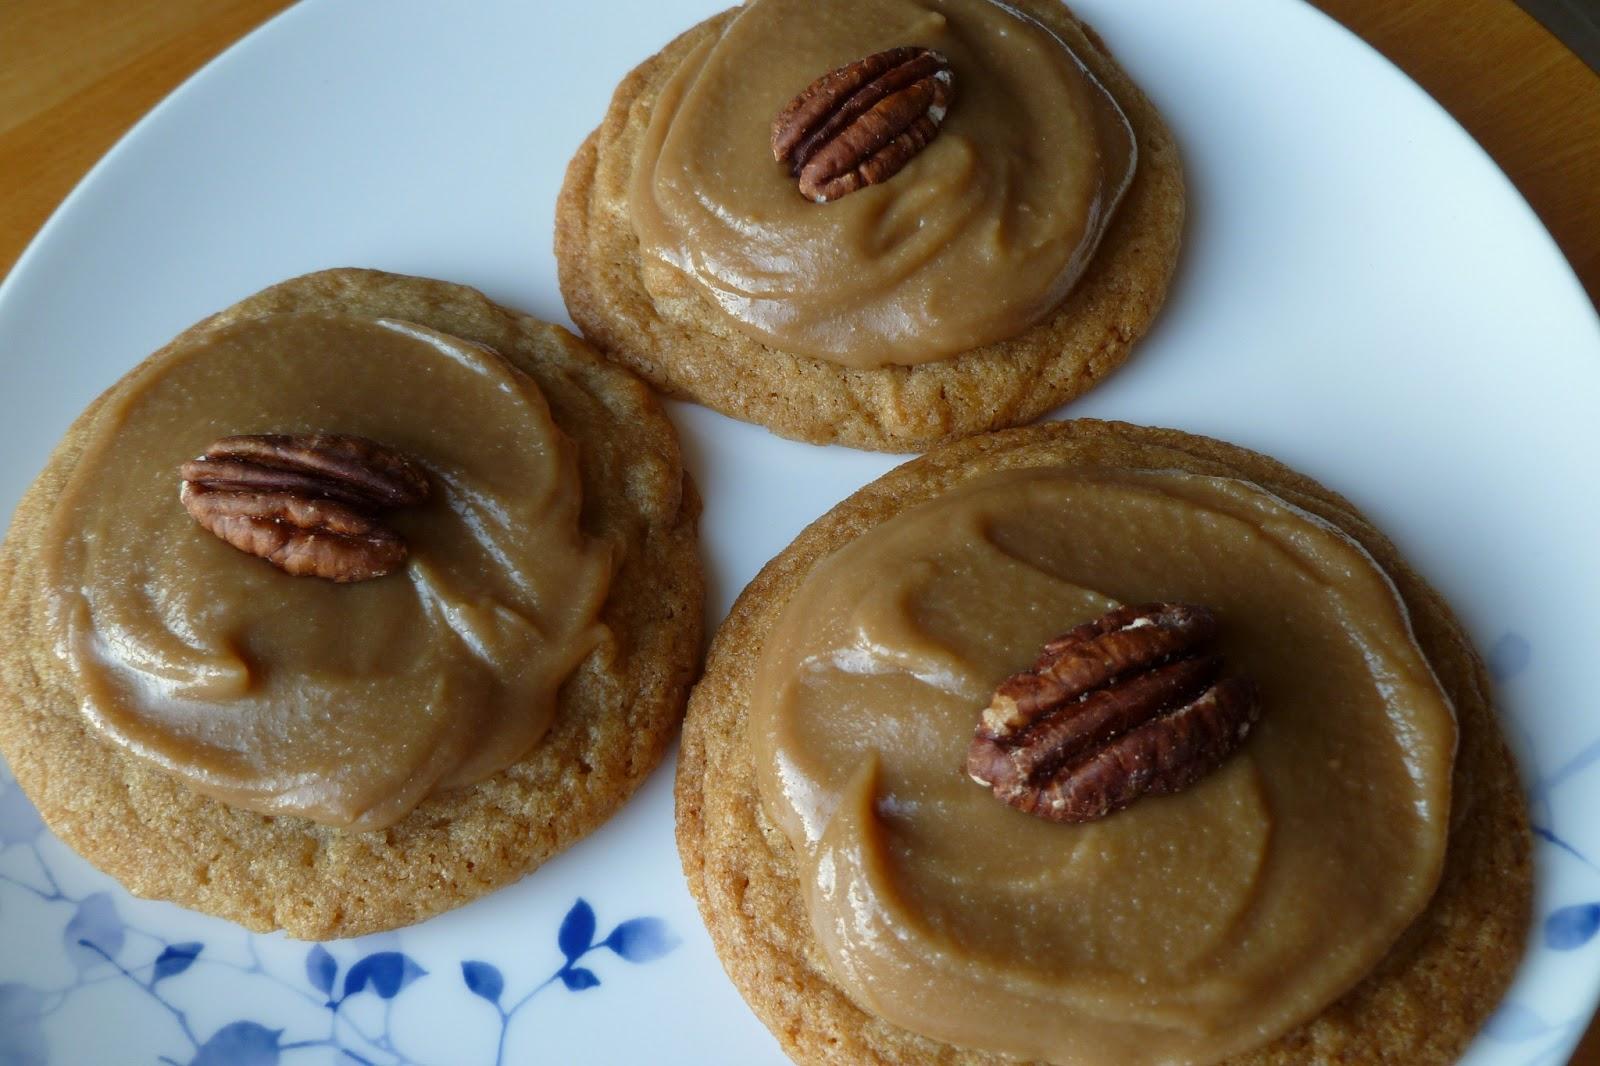 The Pastry Chef's Baking: Pecan Praline Cookies